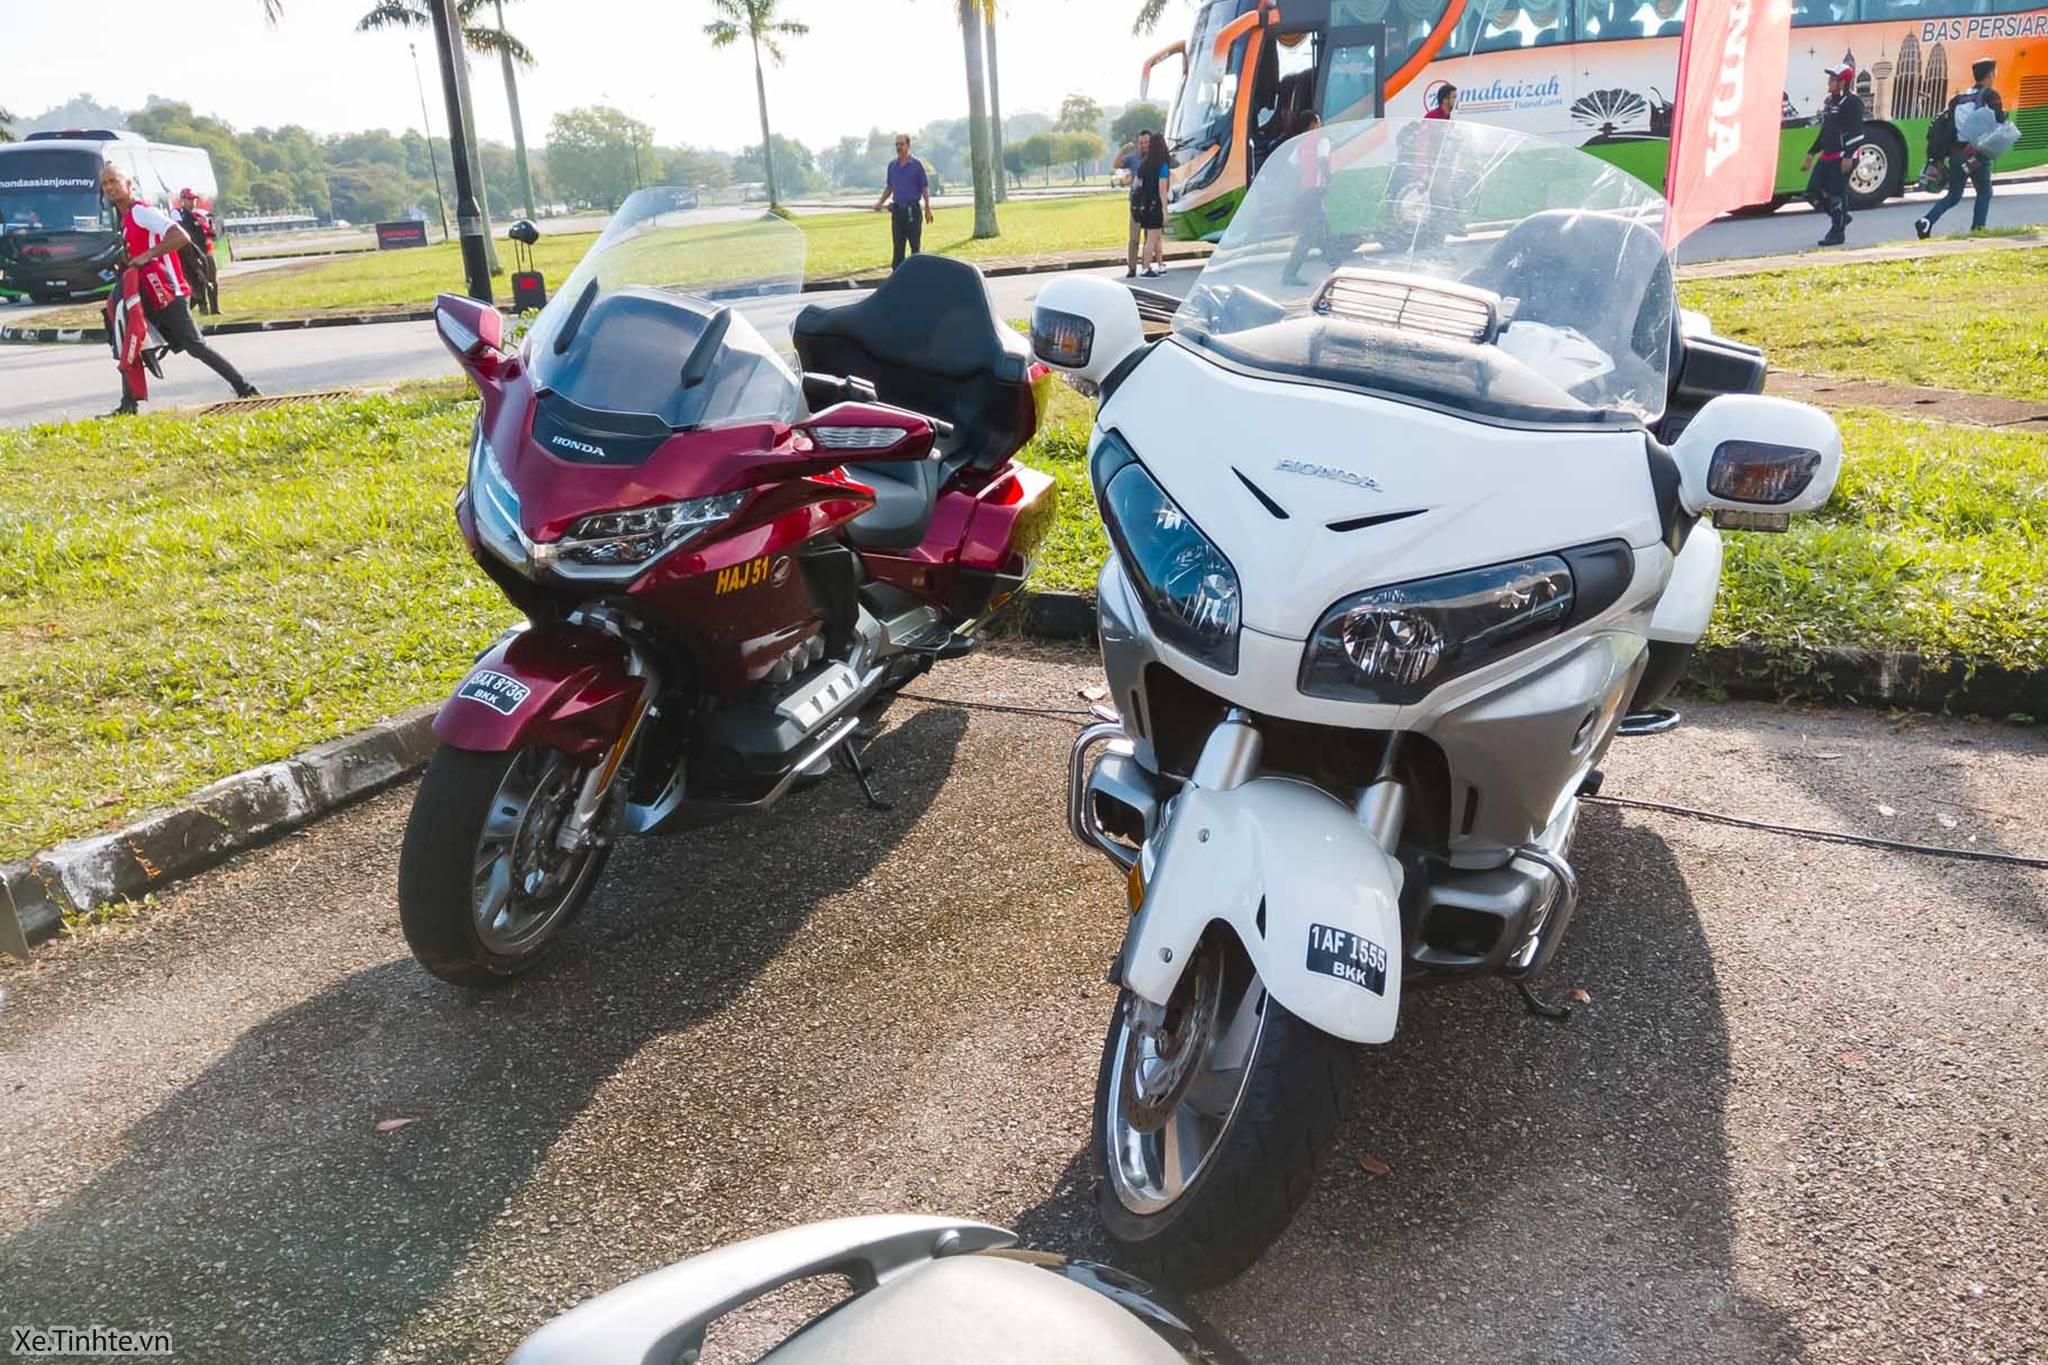 Honda_Asian_Journey_2018_Xe_Tinhte_IMAG0212.jpg